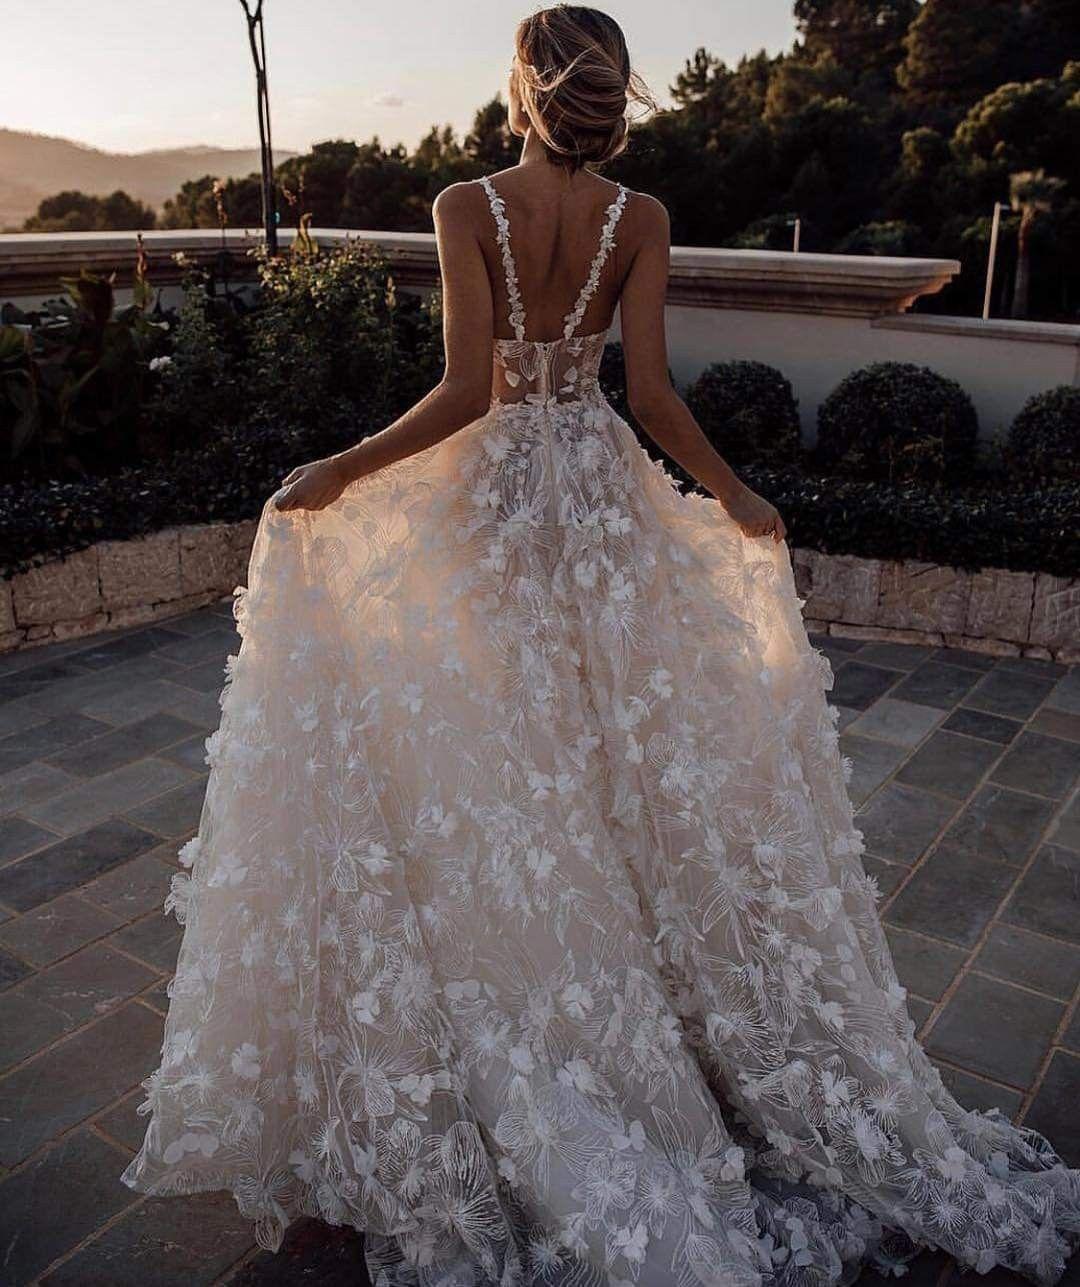 Pin By Christinia Shearer On Especial Novias Wedding Dress Guide Gorgeous Wedding Dress Dream Wedding Dresses